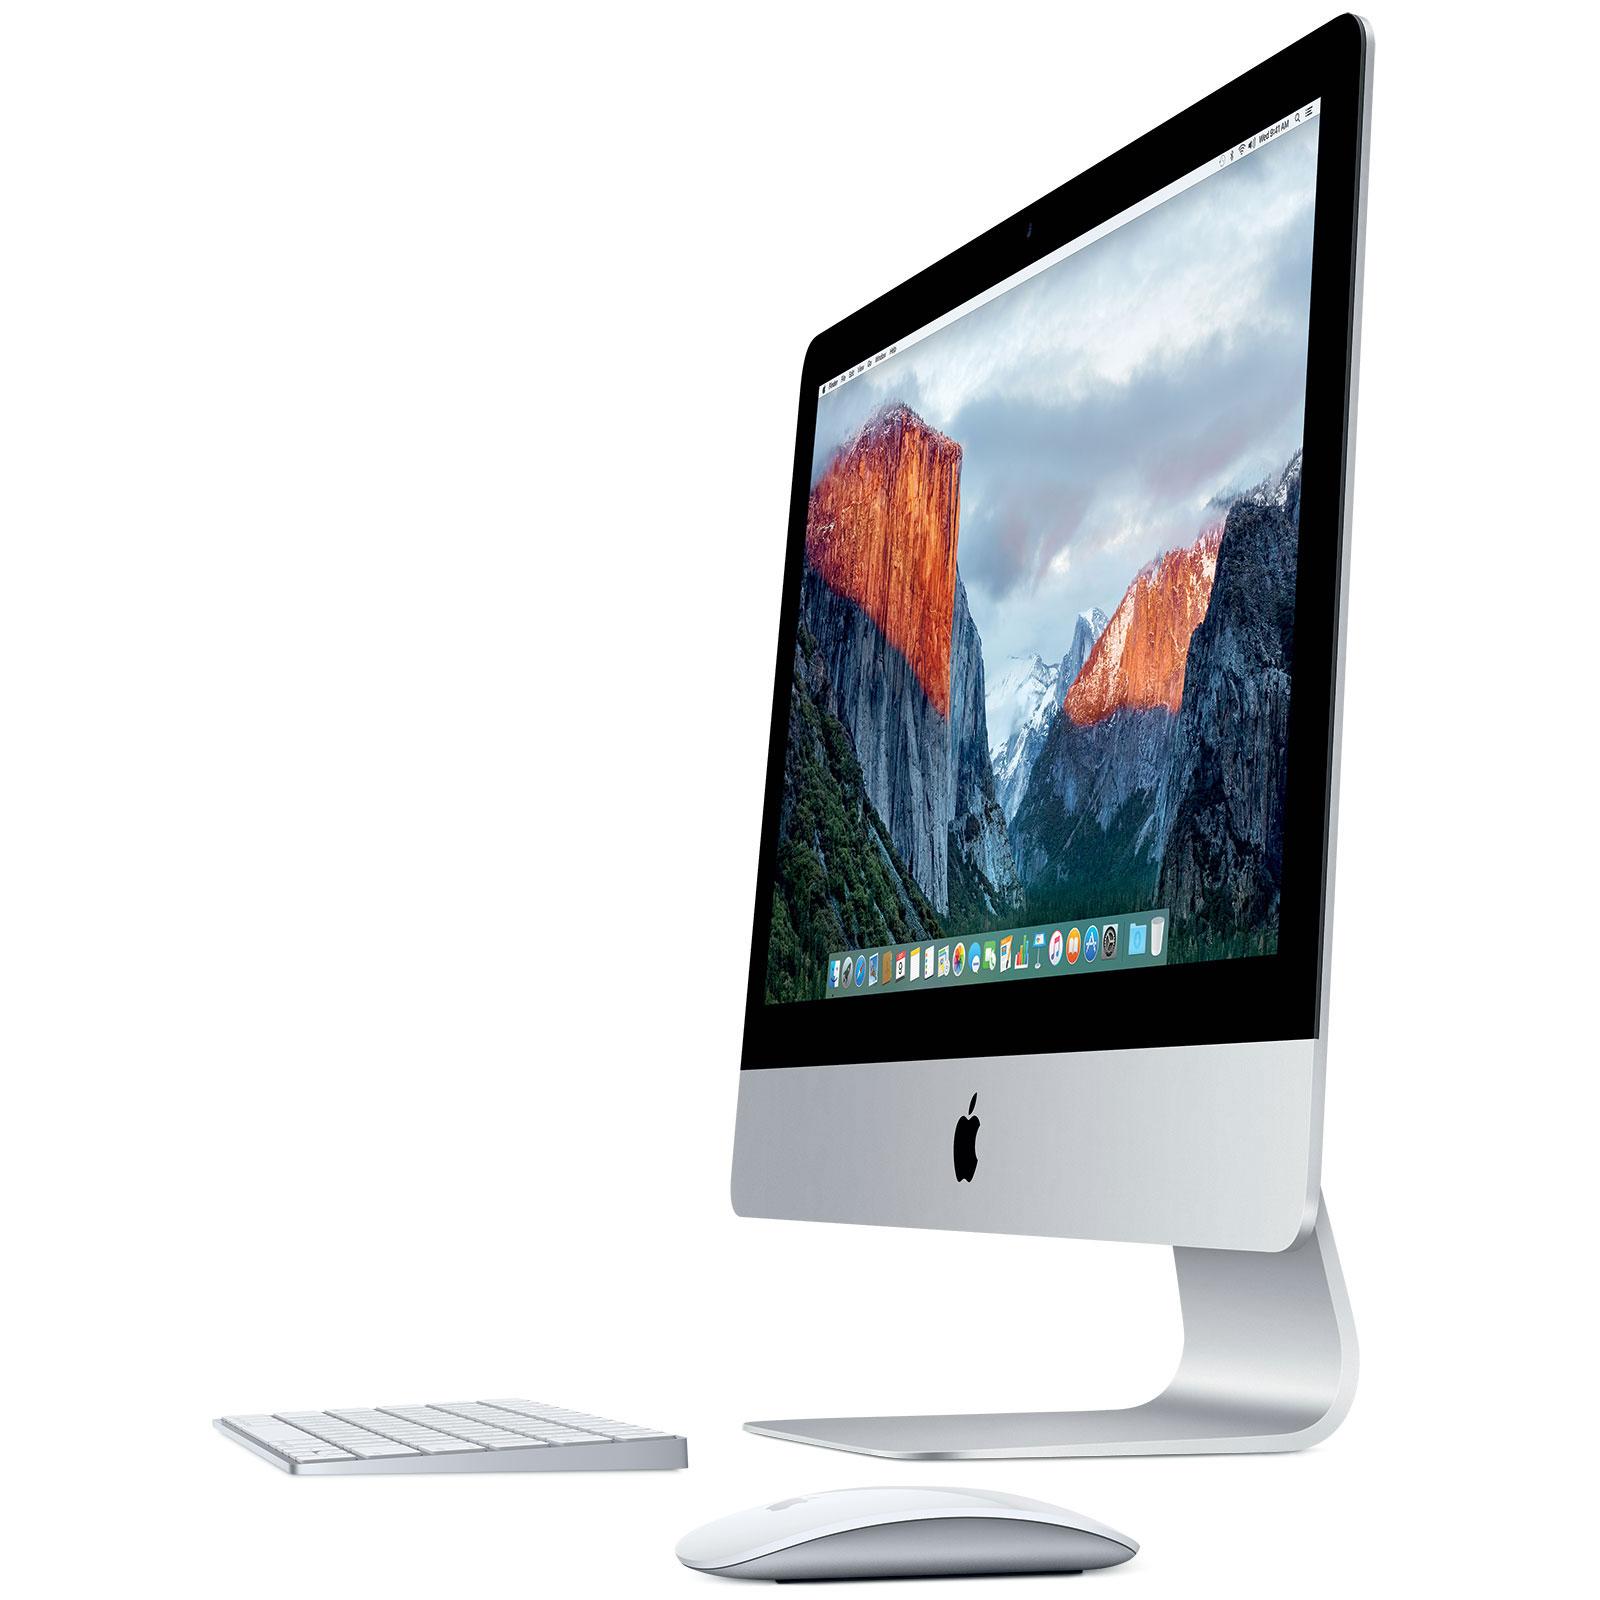 apple imac 21 5 pouces mk442fn a 8go ssd256go ordinateur mac apple sur. Black Bedroom Furniture Sets. Home Design Ideas